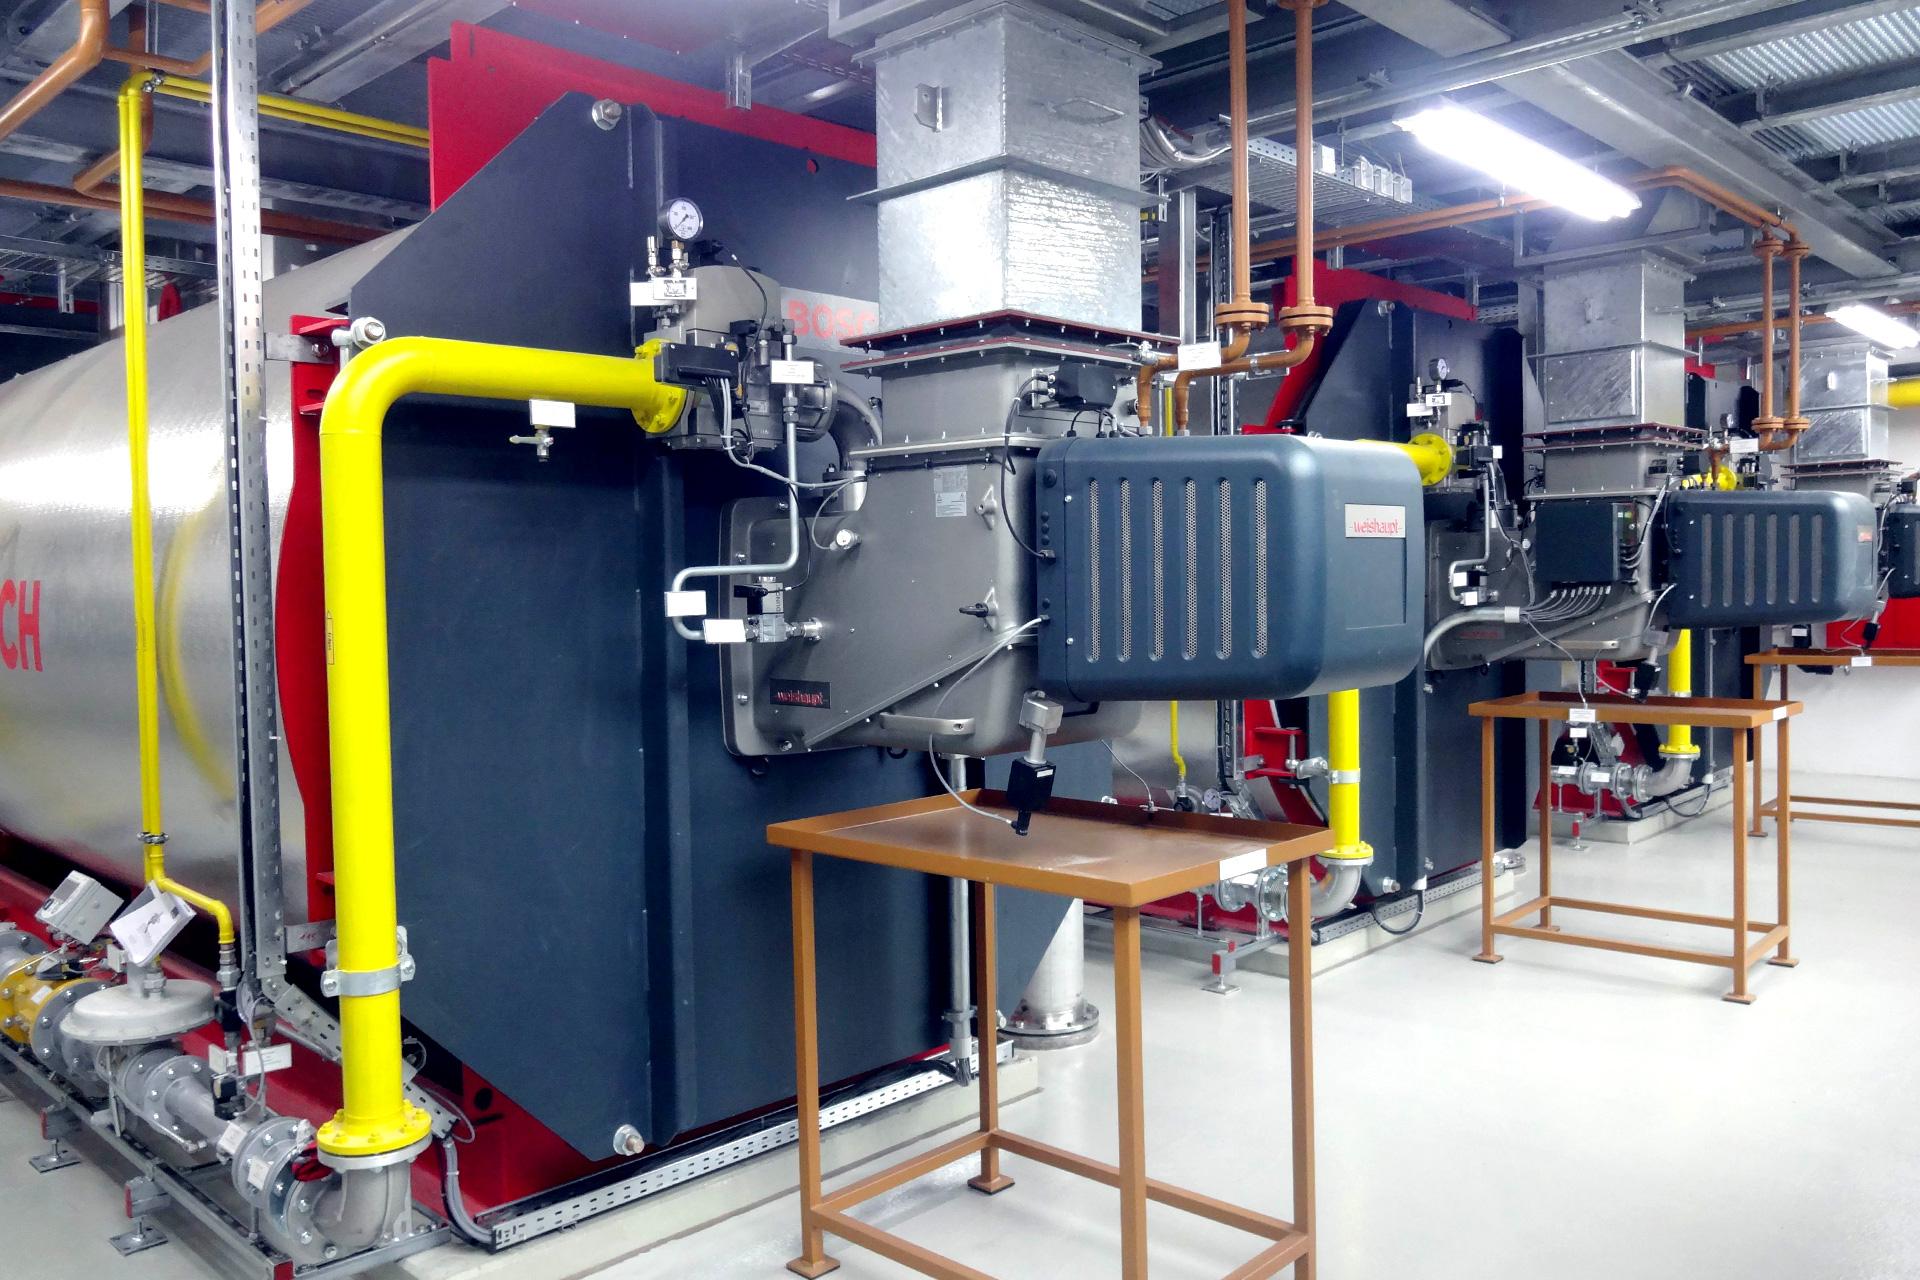 Referenzen, Heiz-und Dampfkesselanlagen, Heizkessel